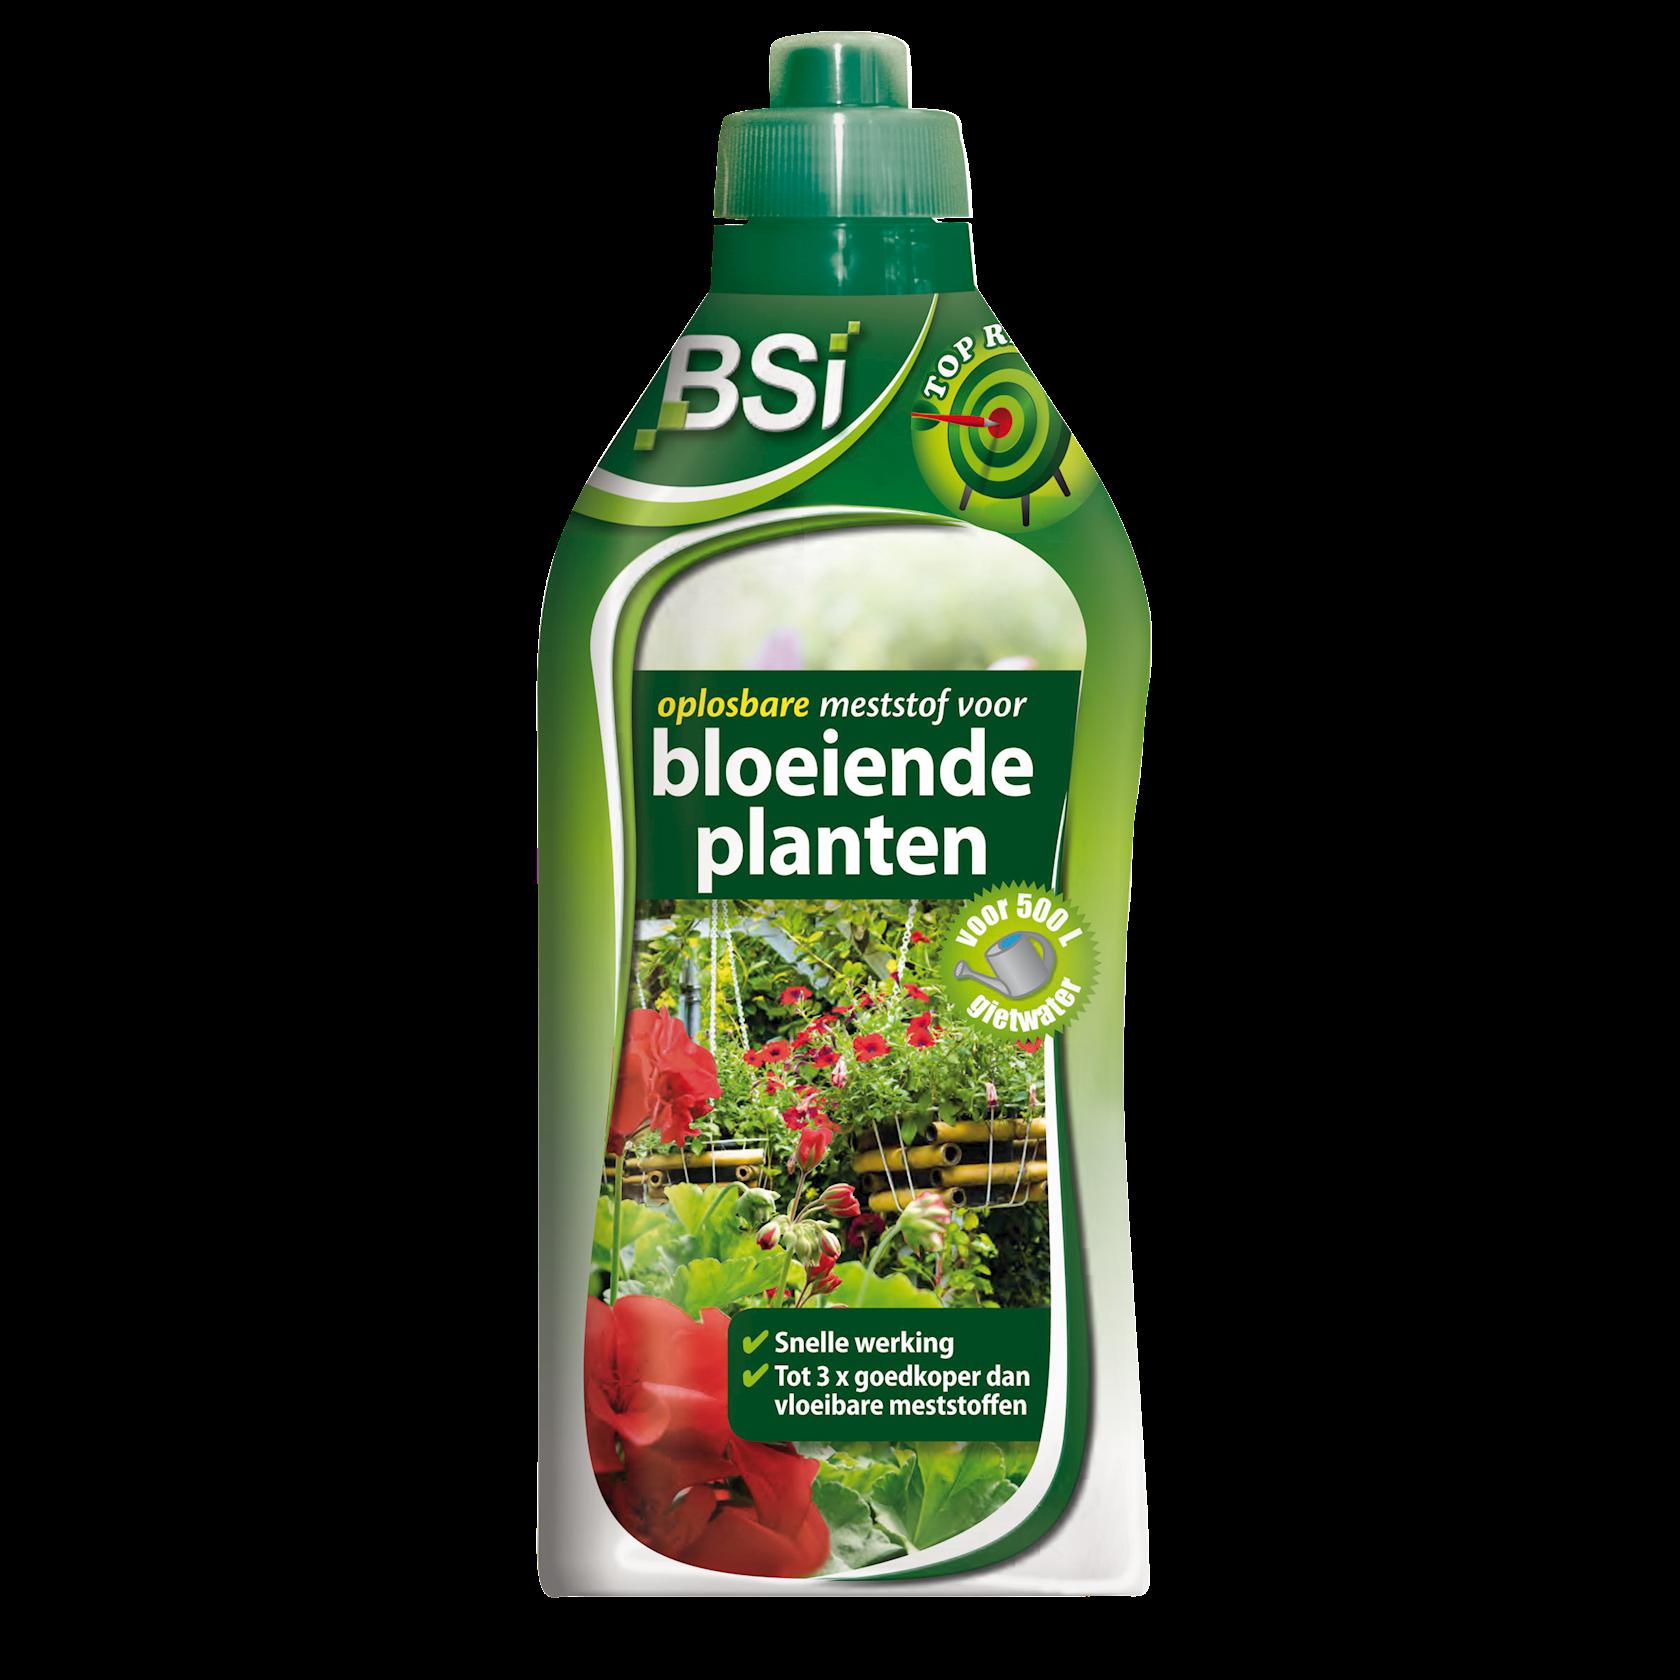 Meststof voor bloeiende planten 500gr in korrelvorm